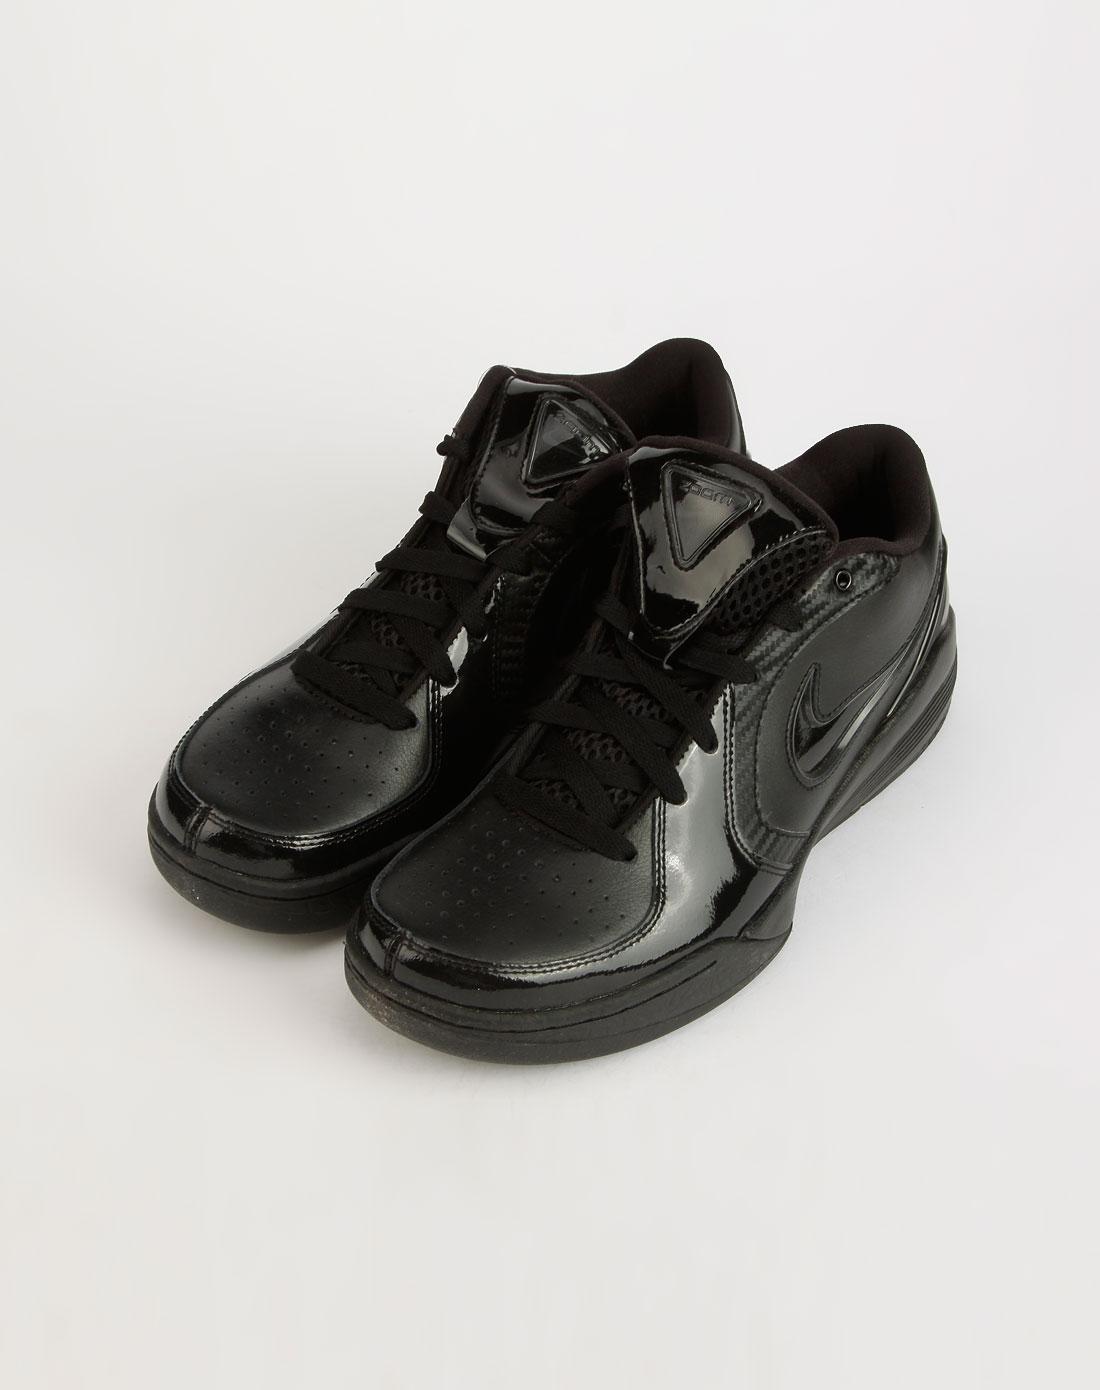 男款黑色运动鞋_耐克nike男装专场官网特价1